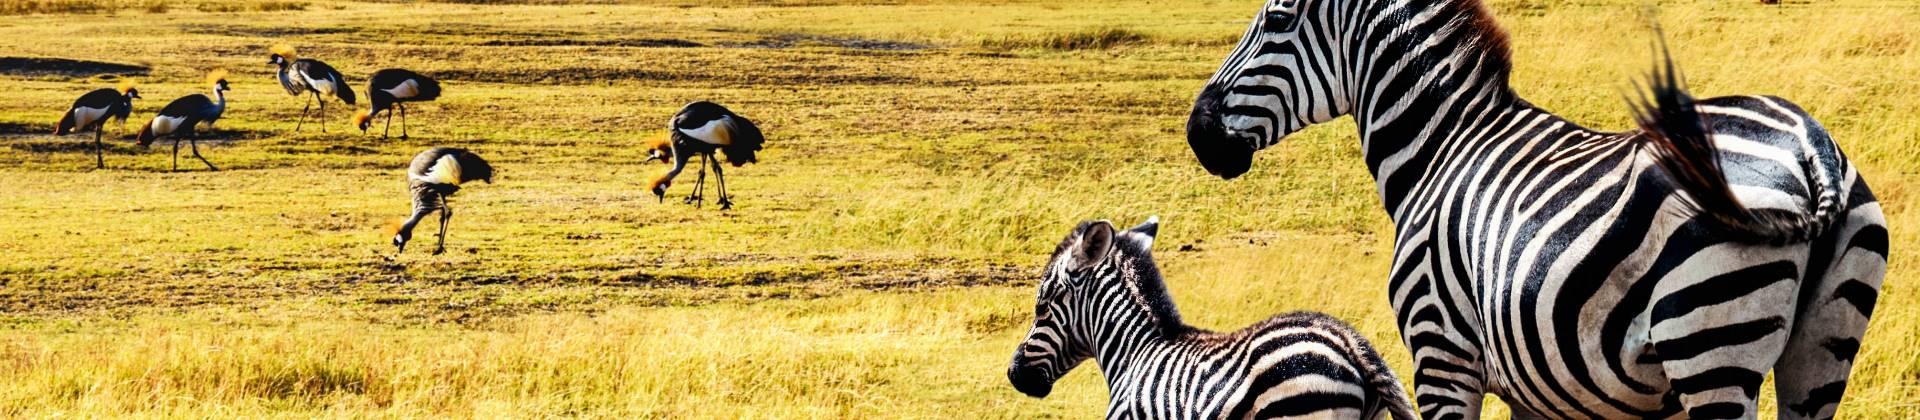 wilde dieren op de Serengeti